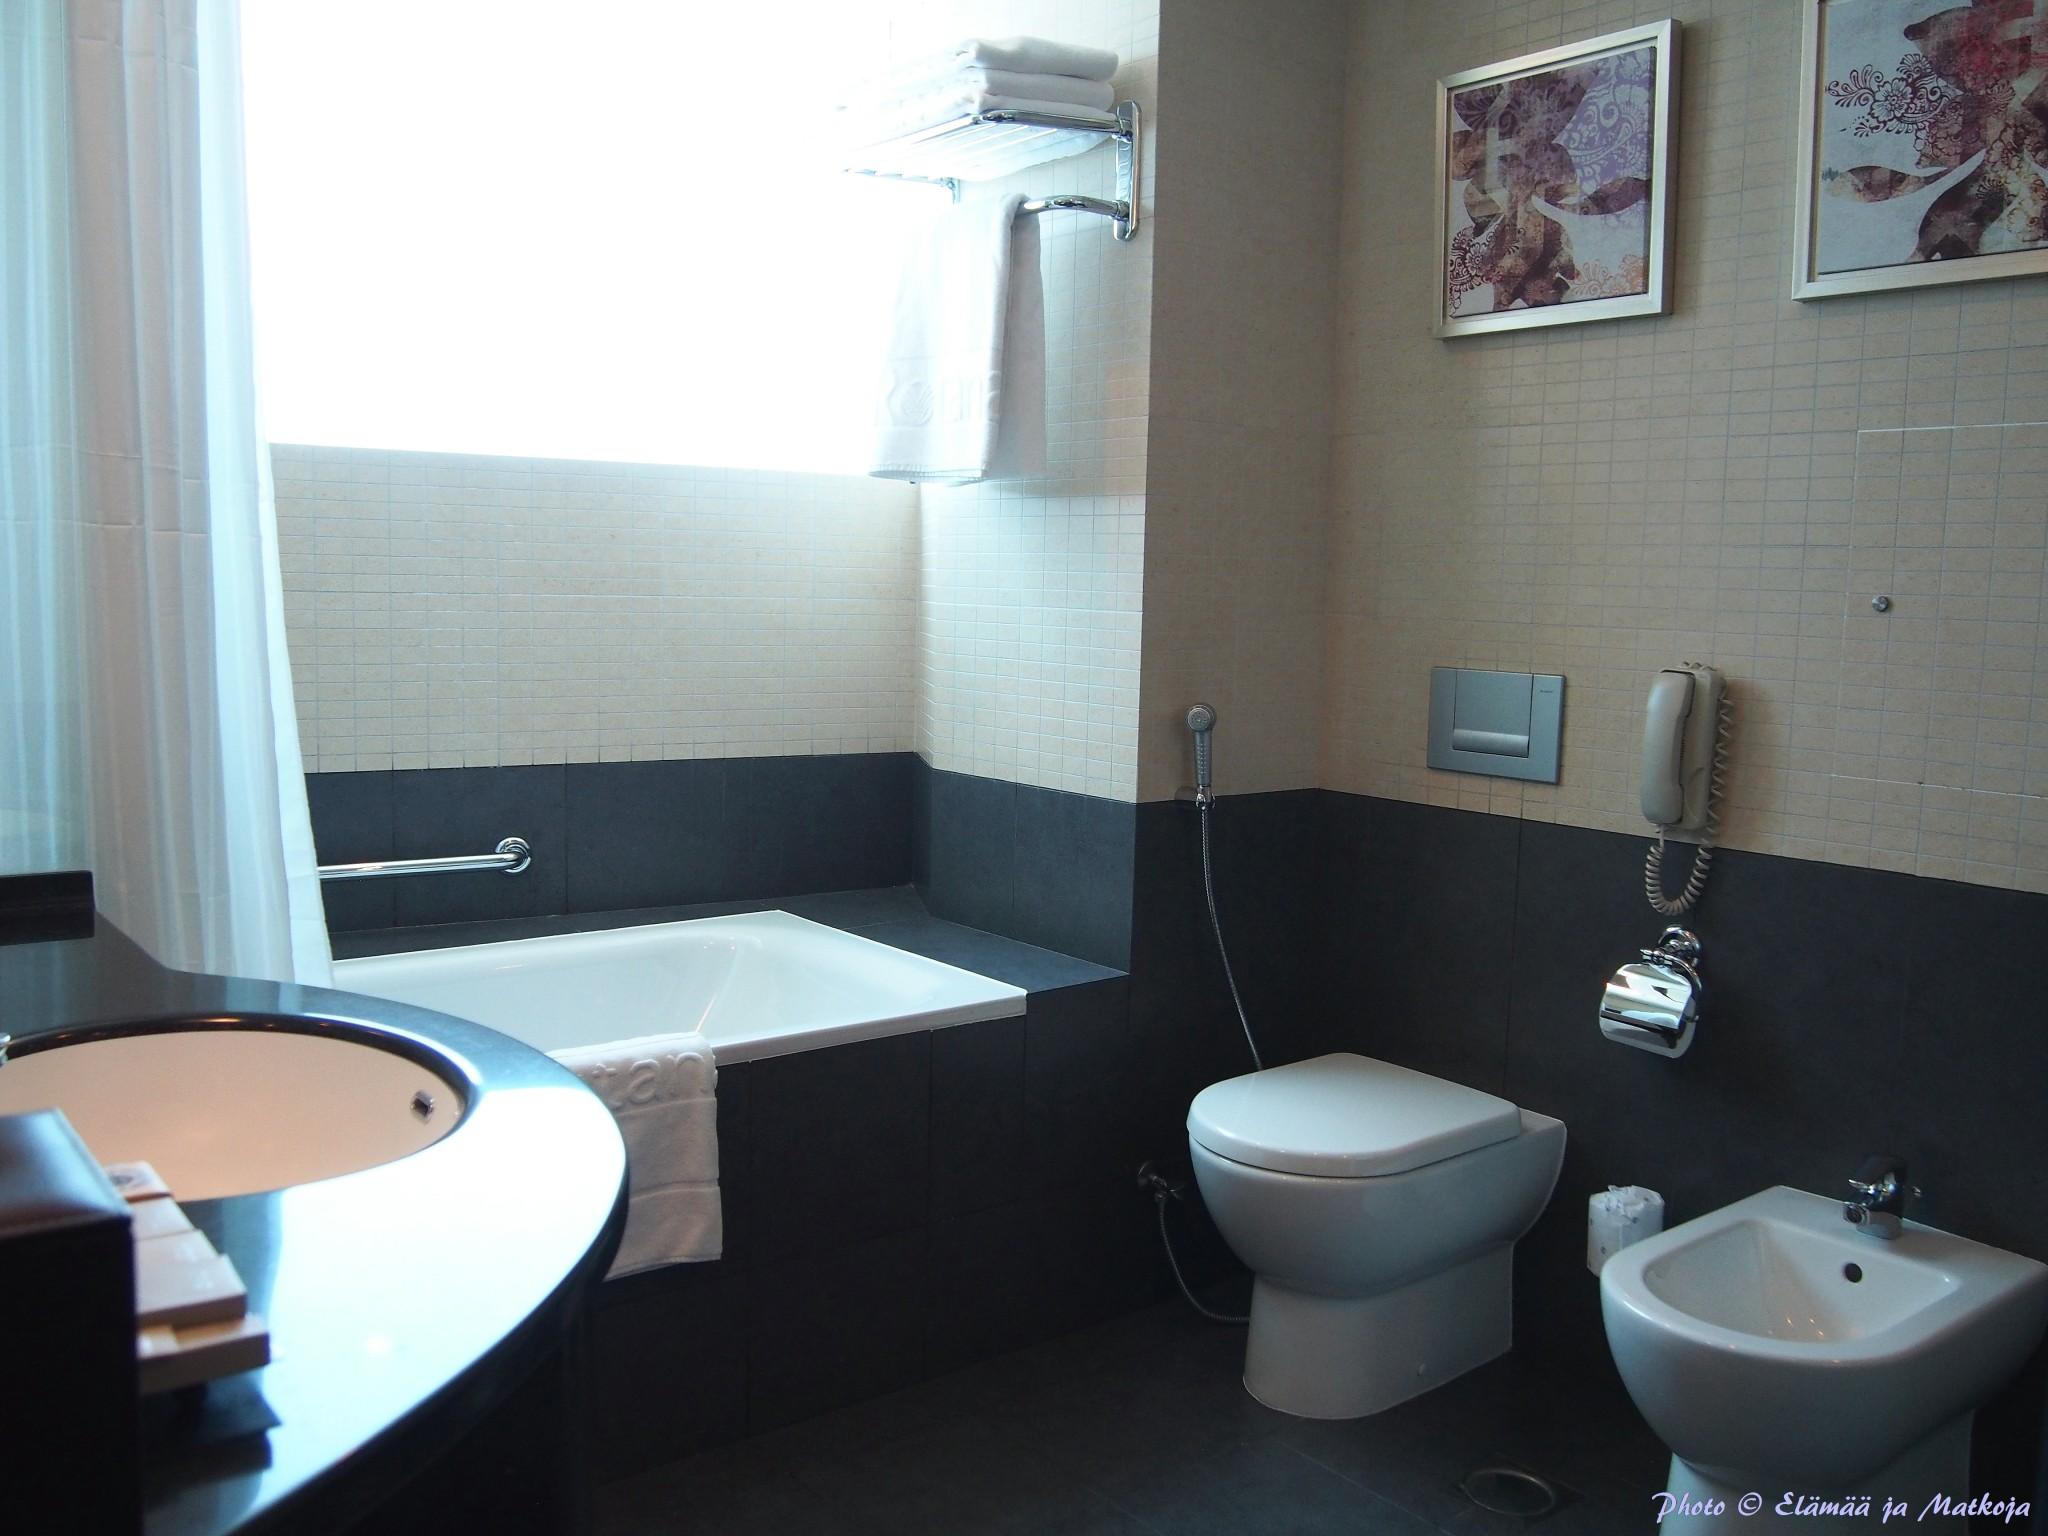 Dubai Rose Rayhaan by Rotana kylpyhuone Photo © Elämää ja Matkoja